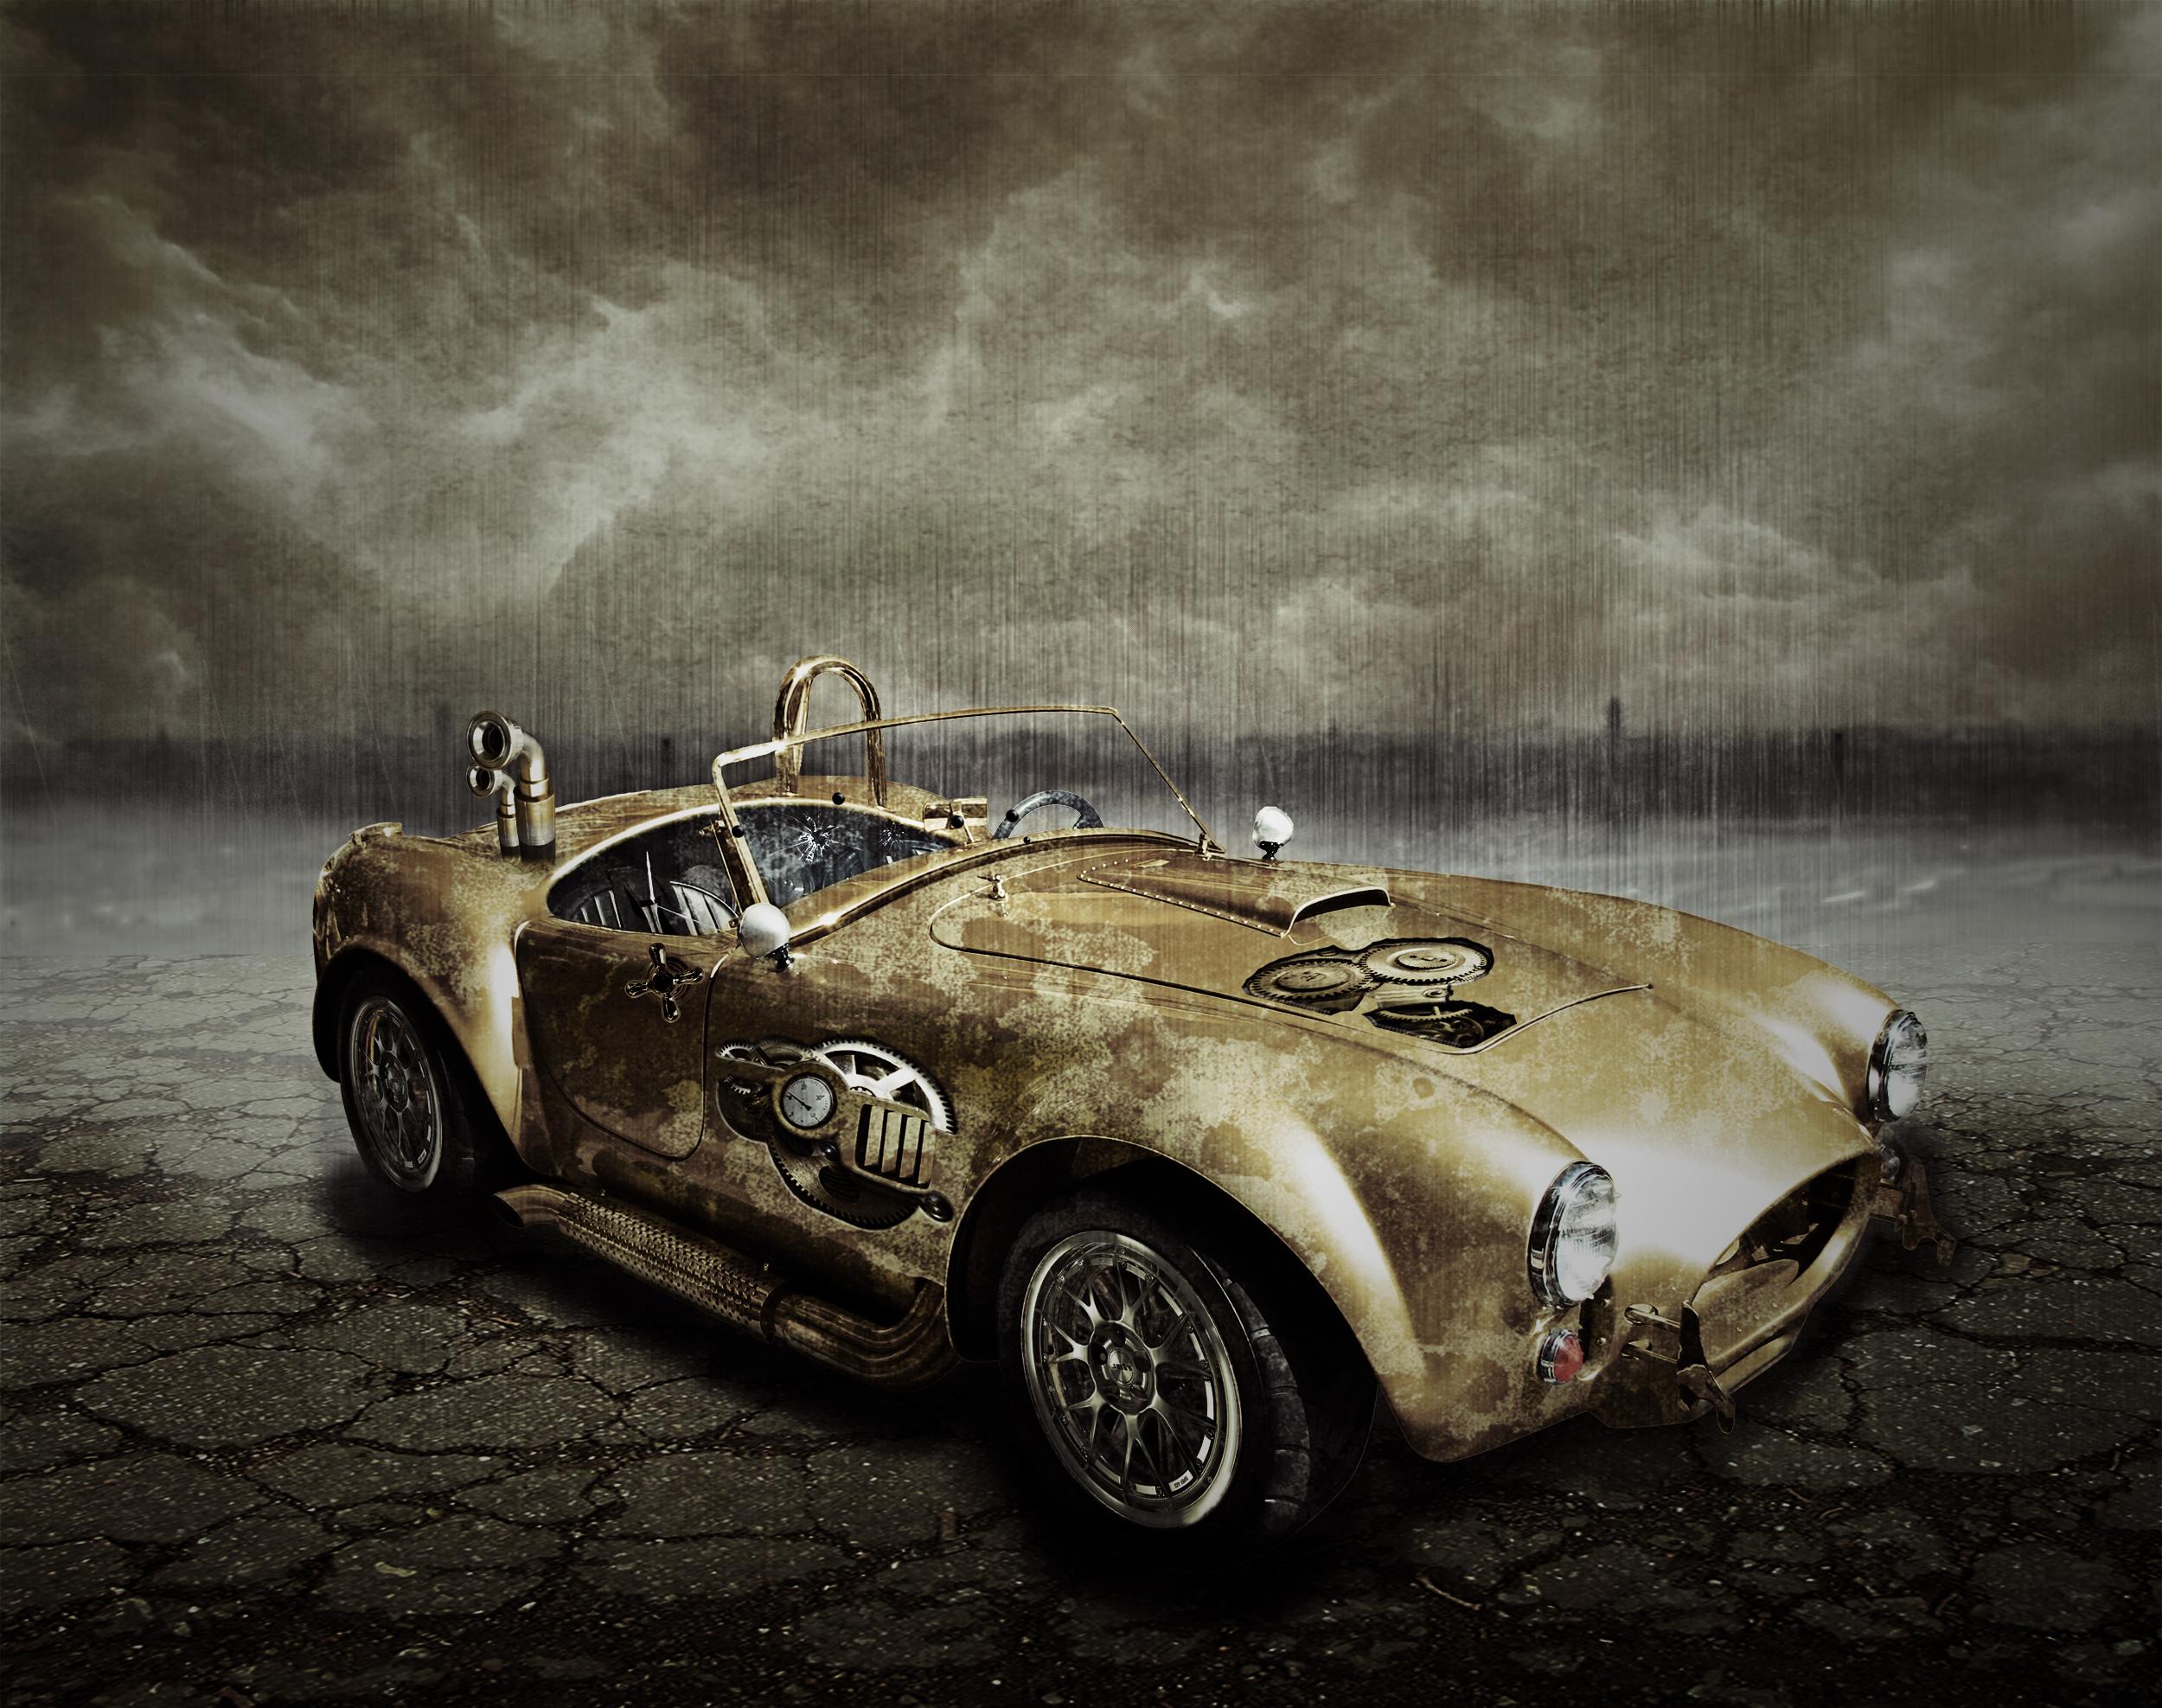 Steampunk car by Nimiel78 on DeviantArt